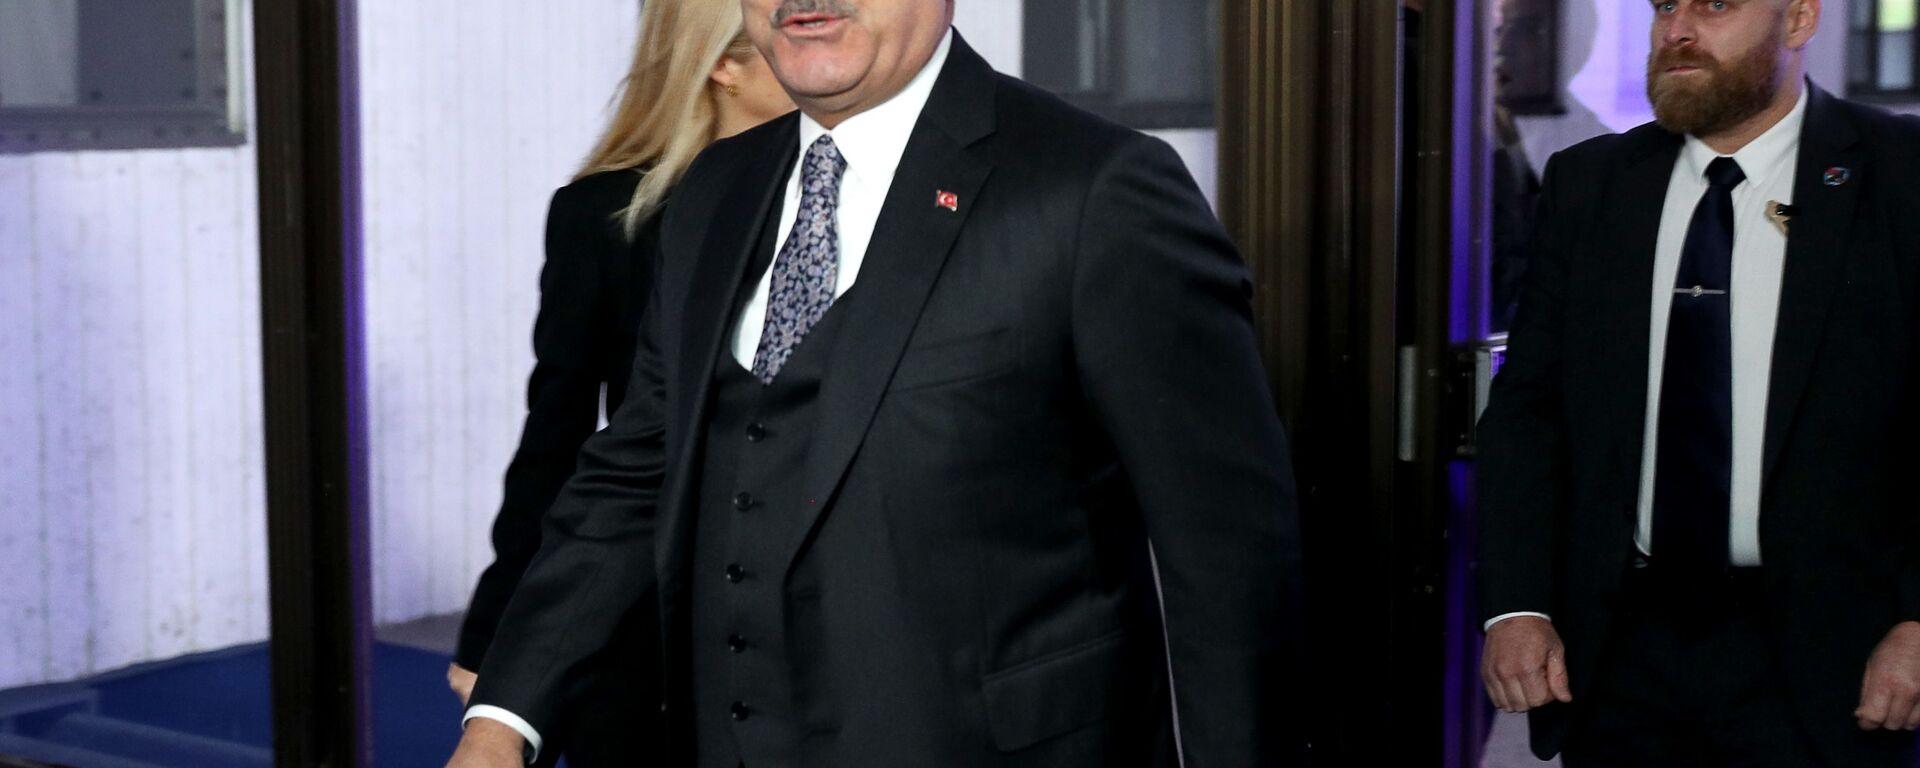 Министр иностранных дел Турции Мевлют Чавушоглу  - Sputnik Армения, 1920, 23.08.2021